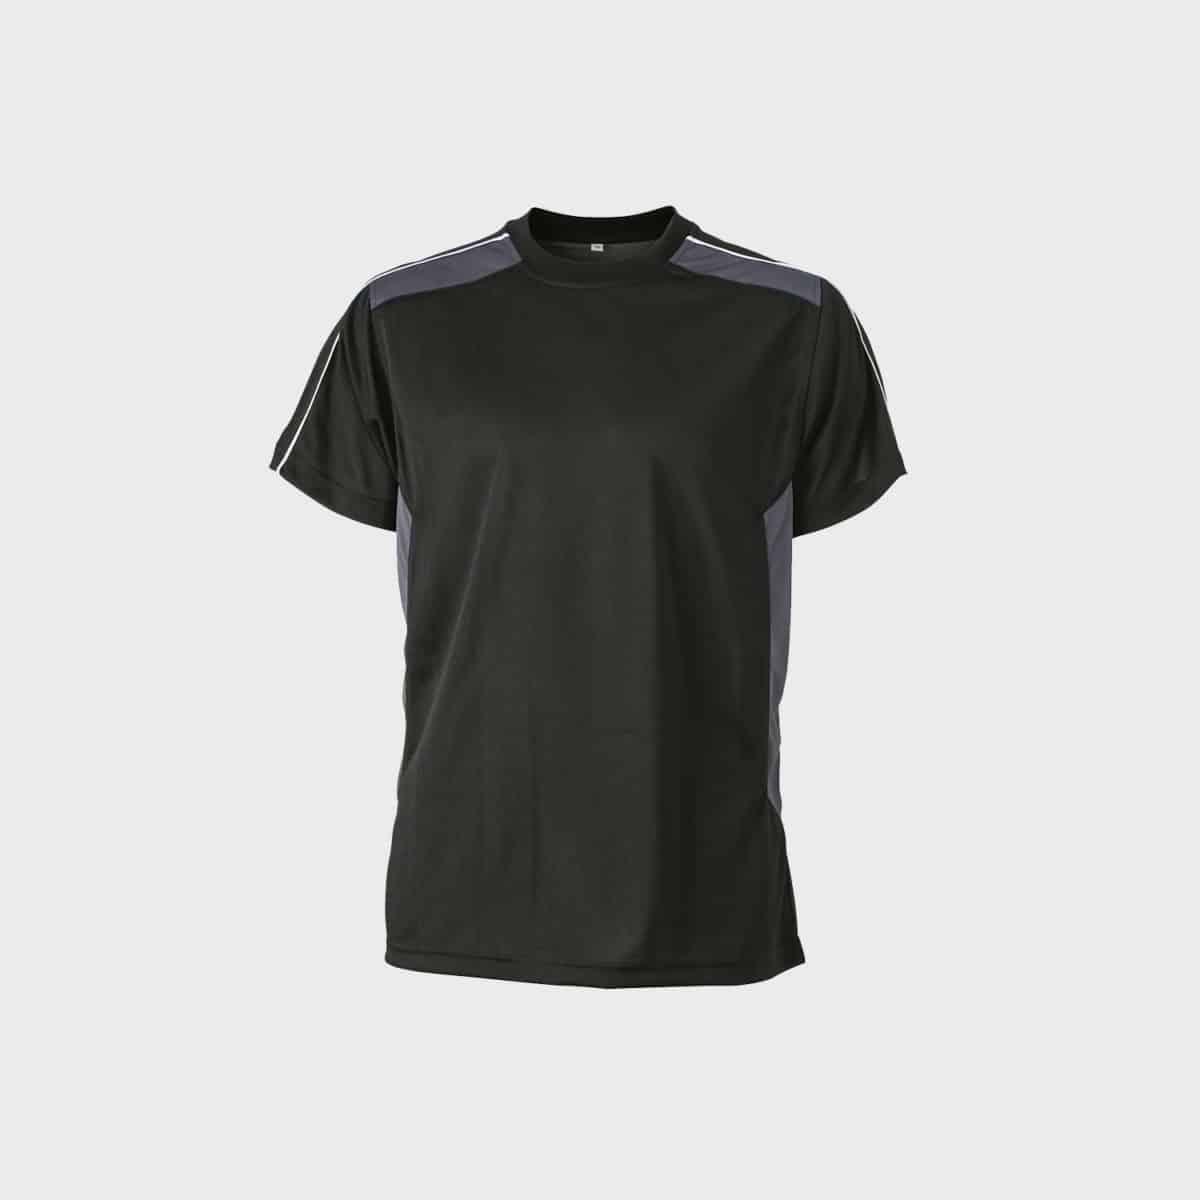 professionelles-handwerker-t-shirt-unisex-carbon-kaufen-besticken_stickmanufaktur